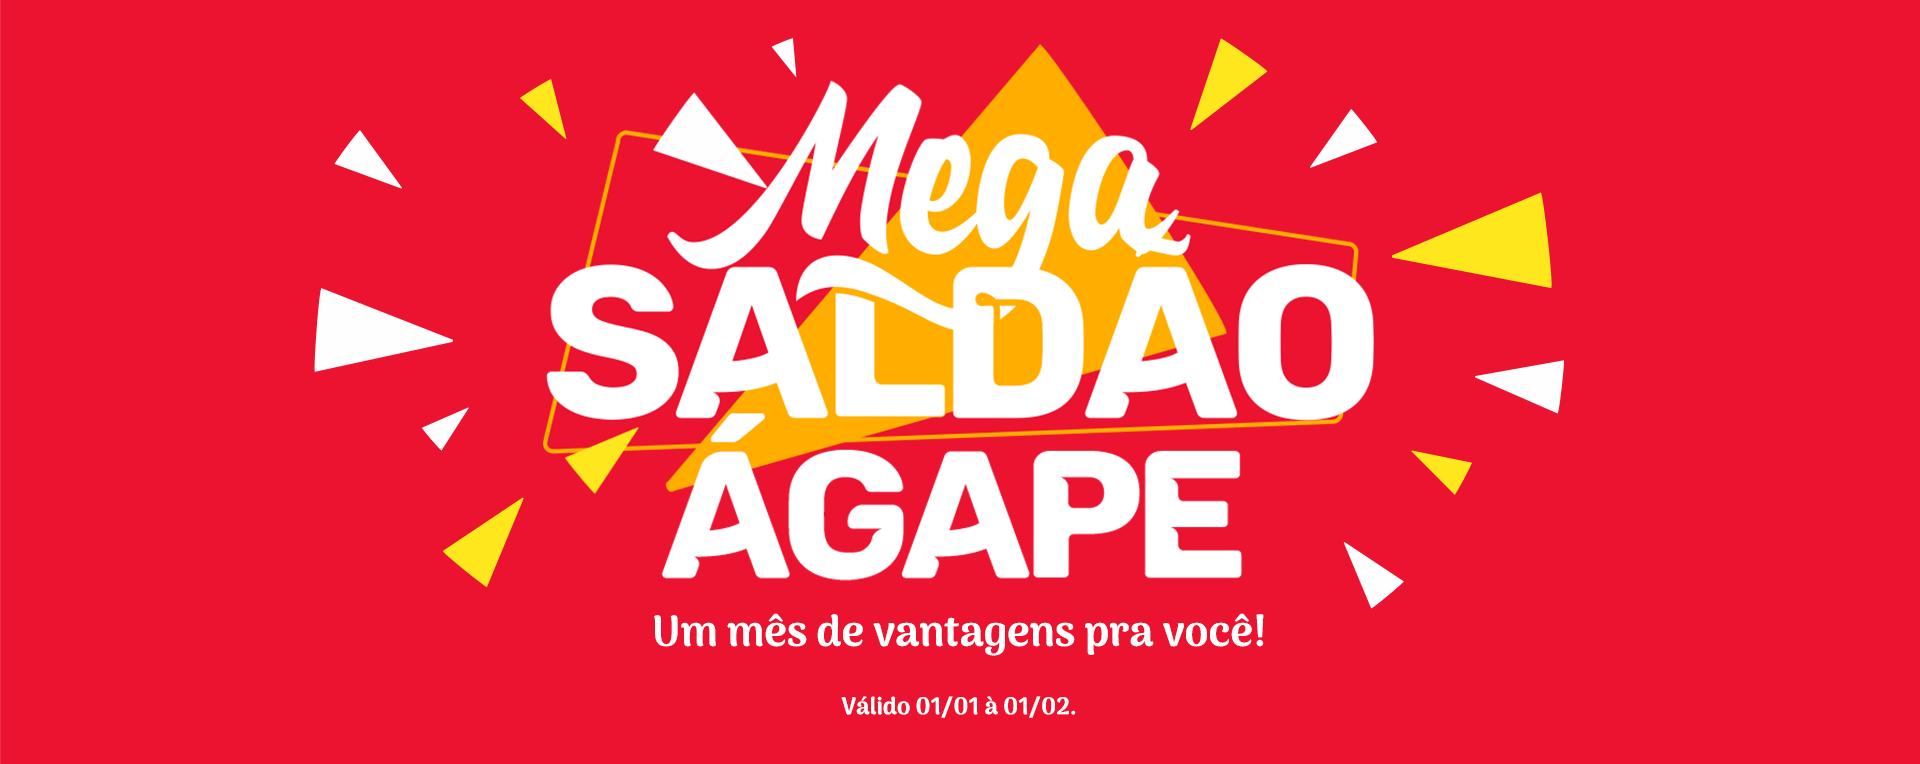 Mega Saldão 2019